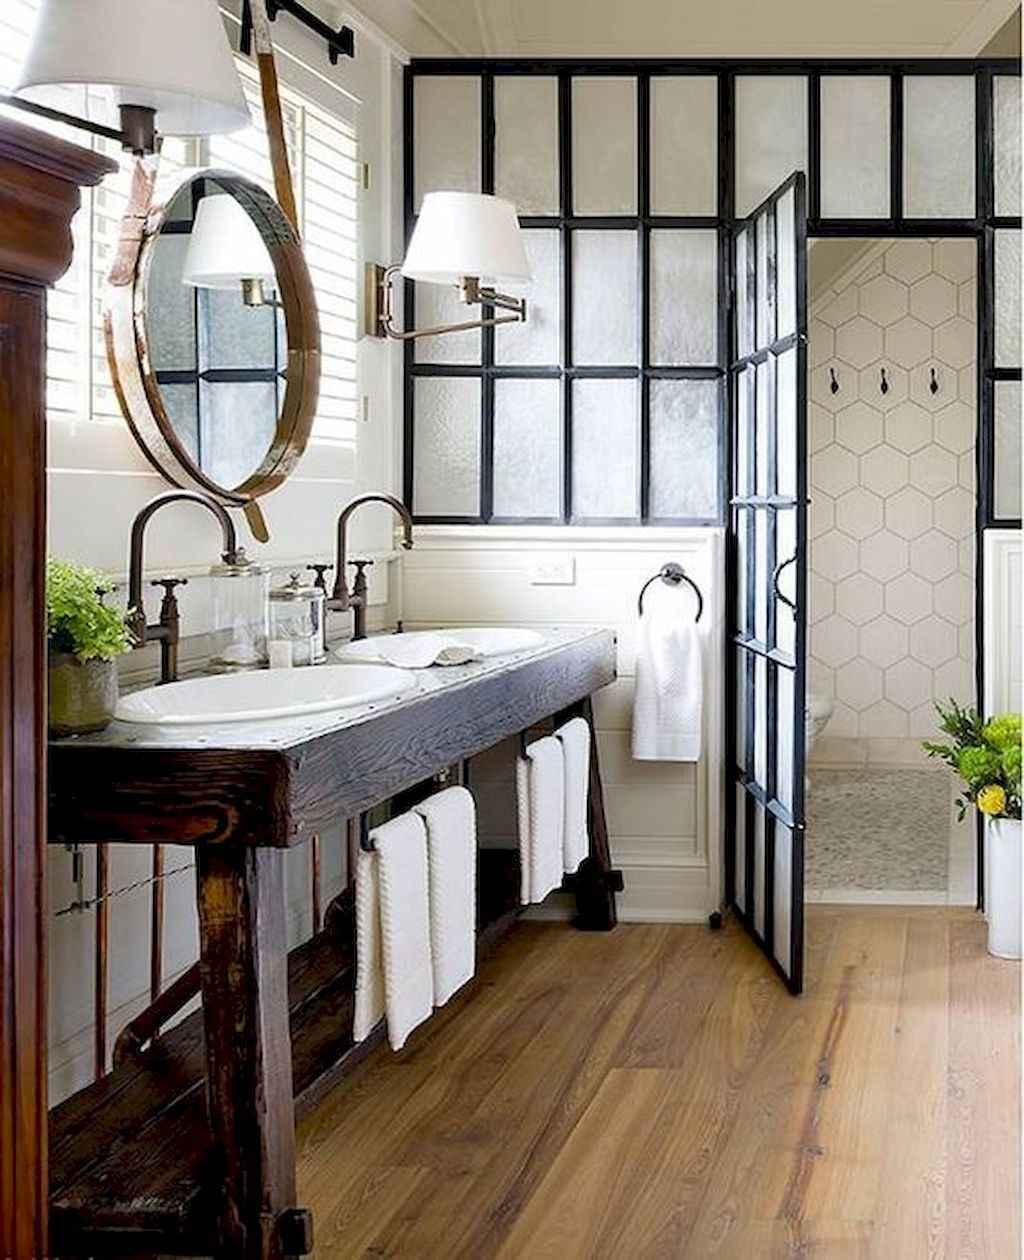 1024 x 1260 in 110 spectacular farmhouse bathroom decor ideas